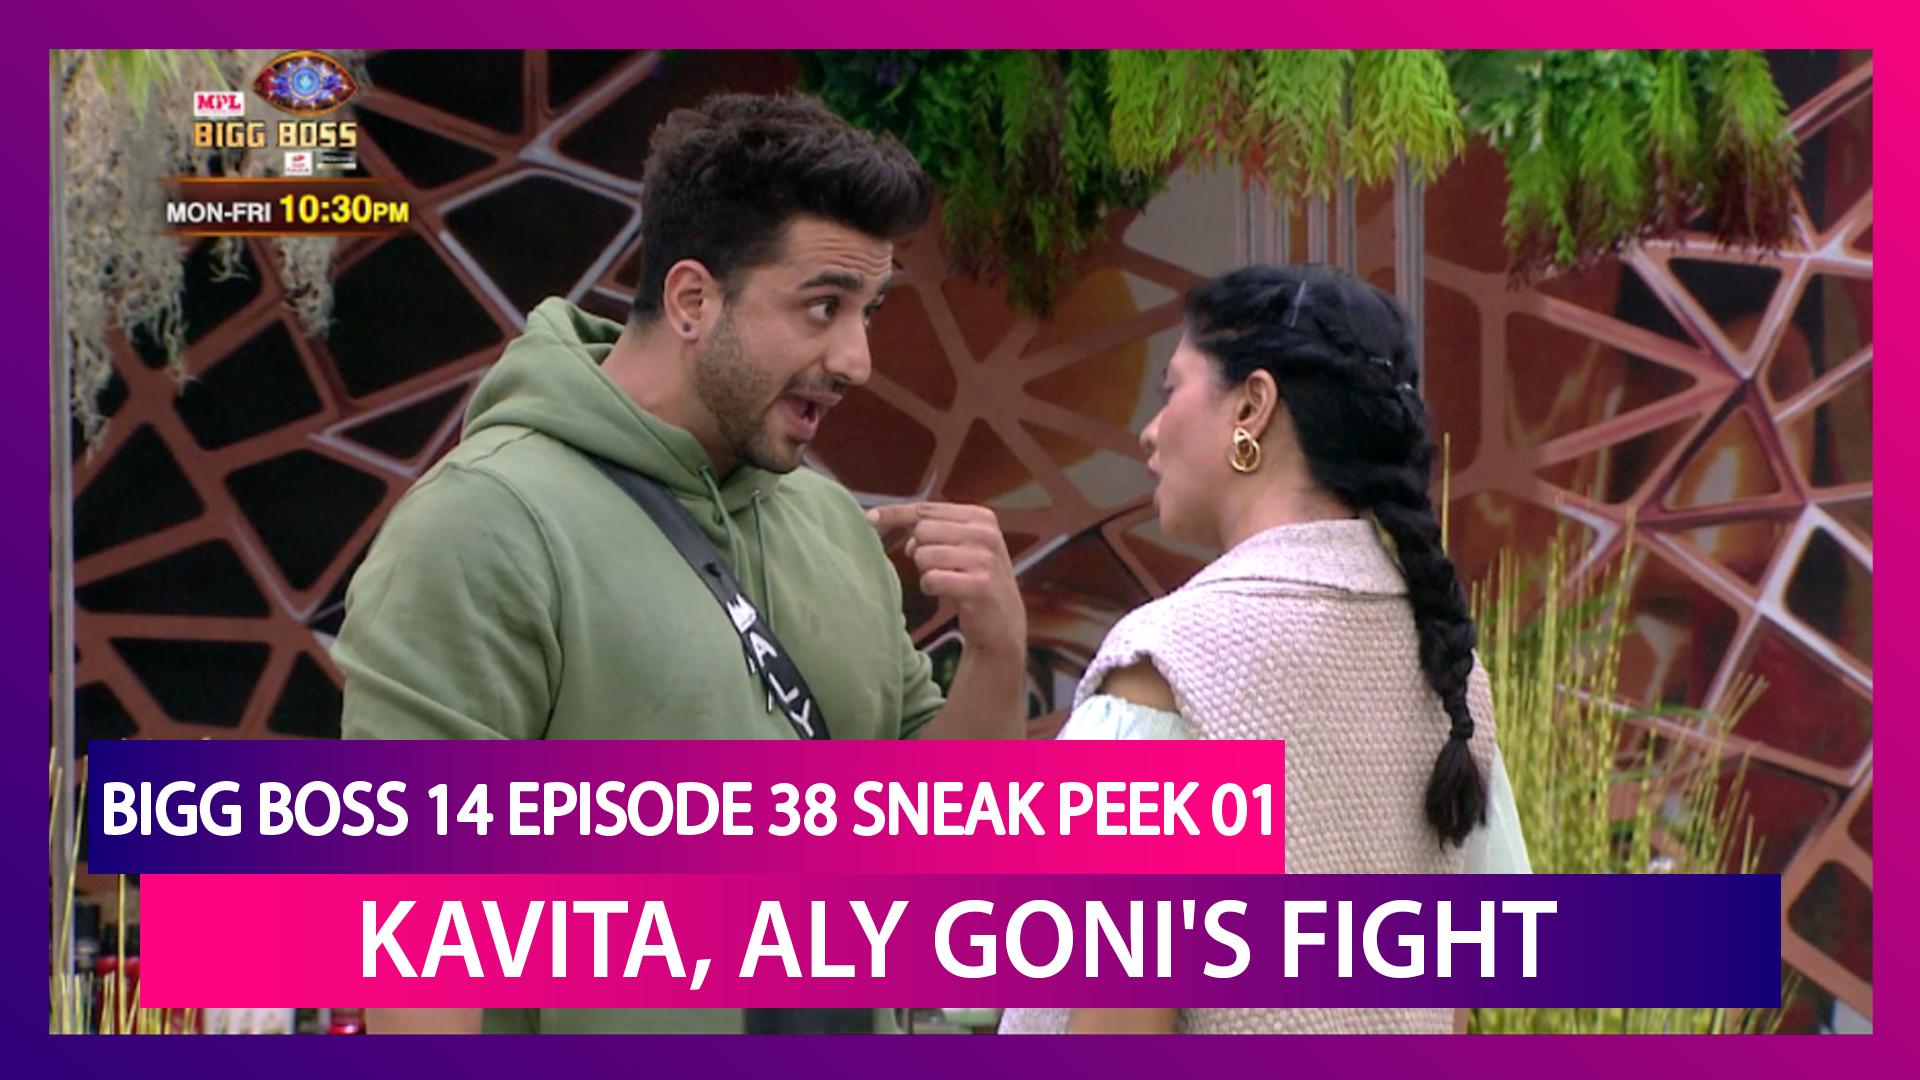 Bigg Boss 14 Episode 38 Sneak Peek 01 | Nov 24 2020: Kavita Kaushik, Aly Goni's Ugly Fight